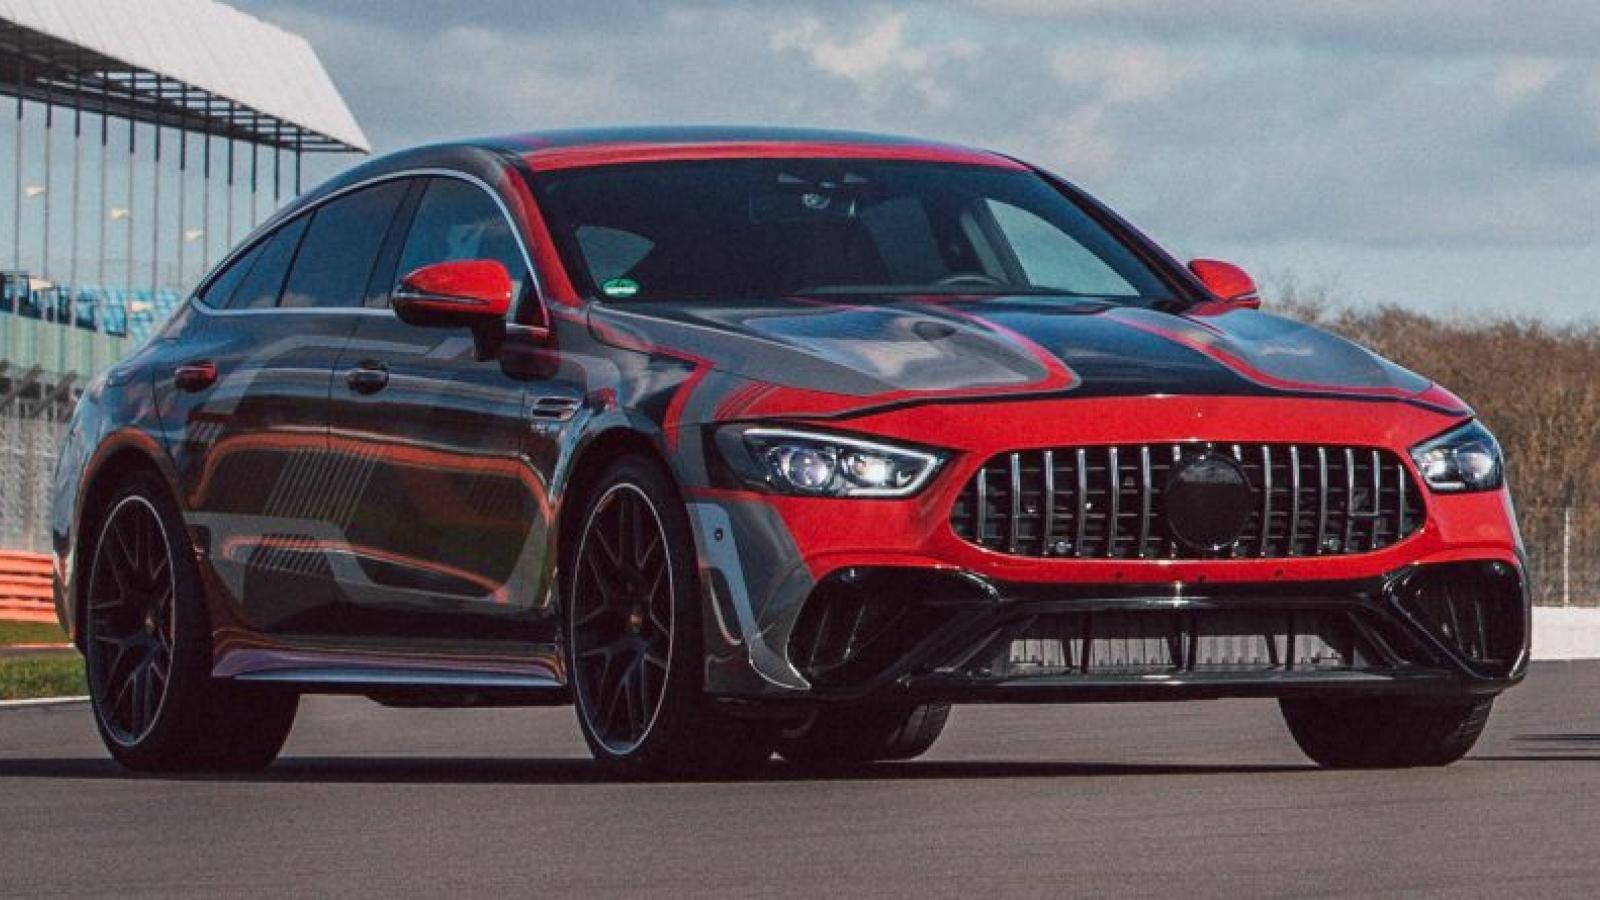 Mercedes-AMG đăng ký nhãn hiệu cho E73